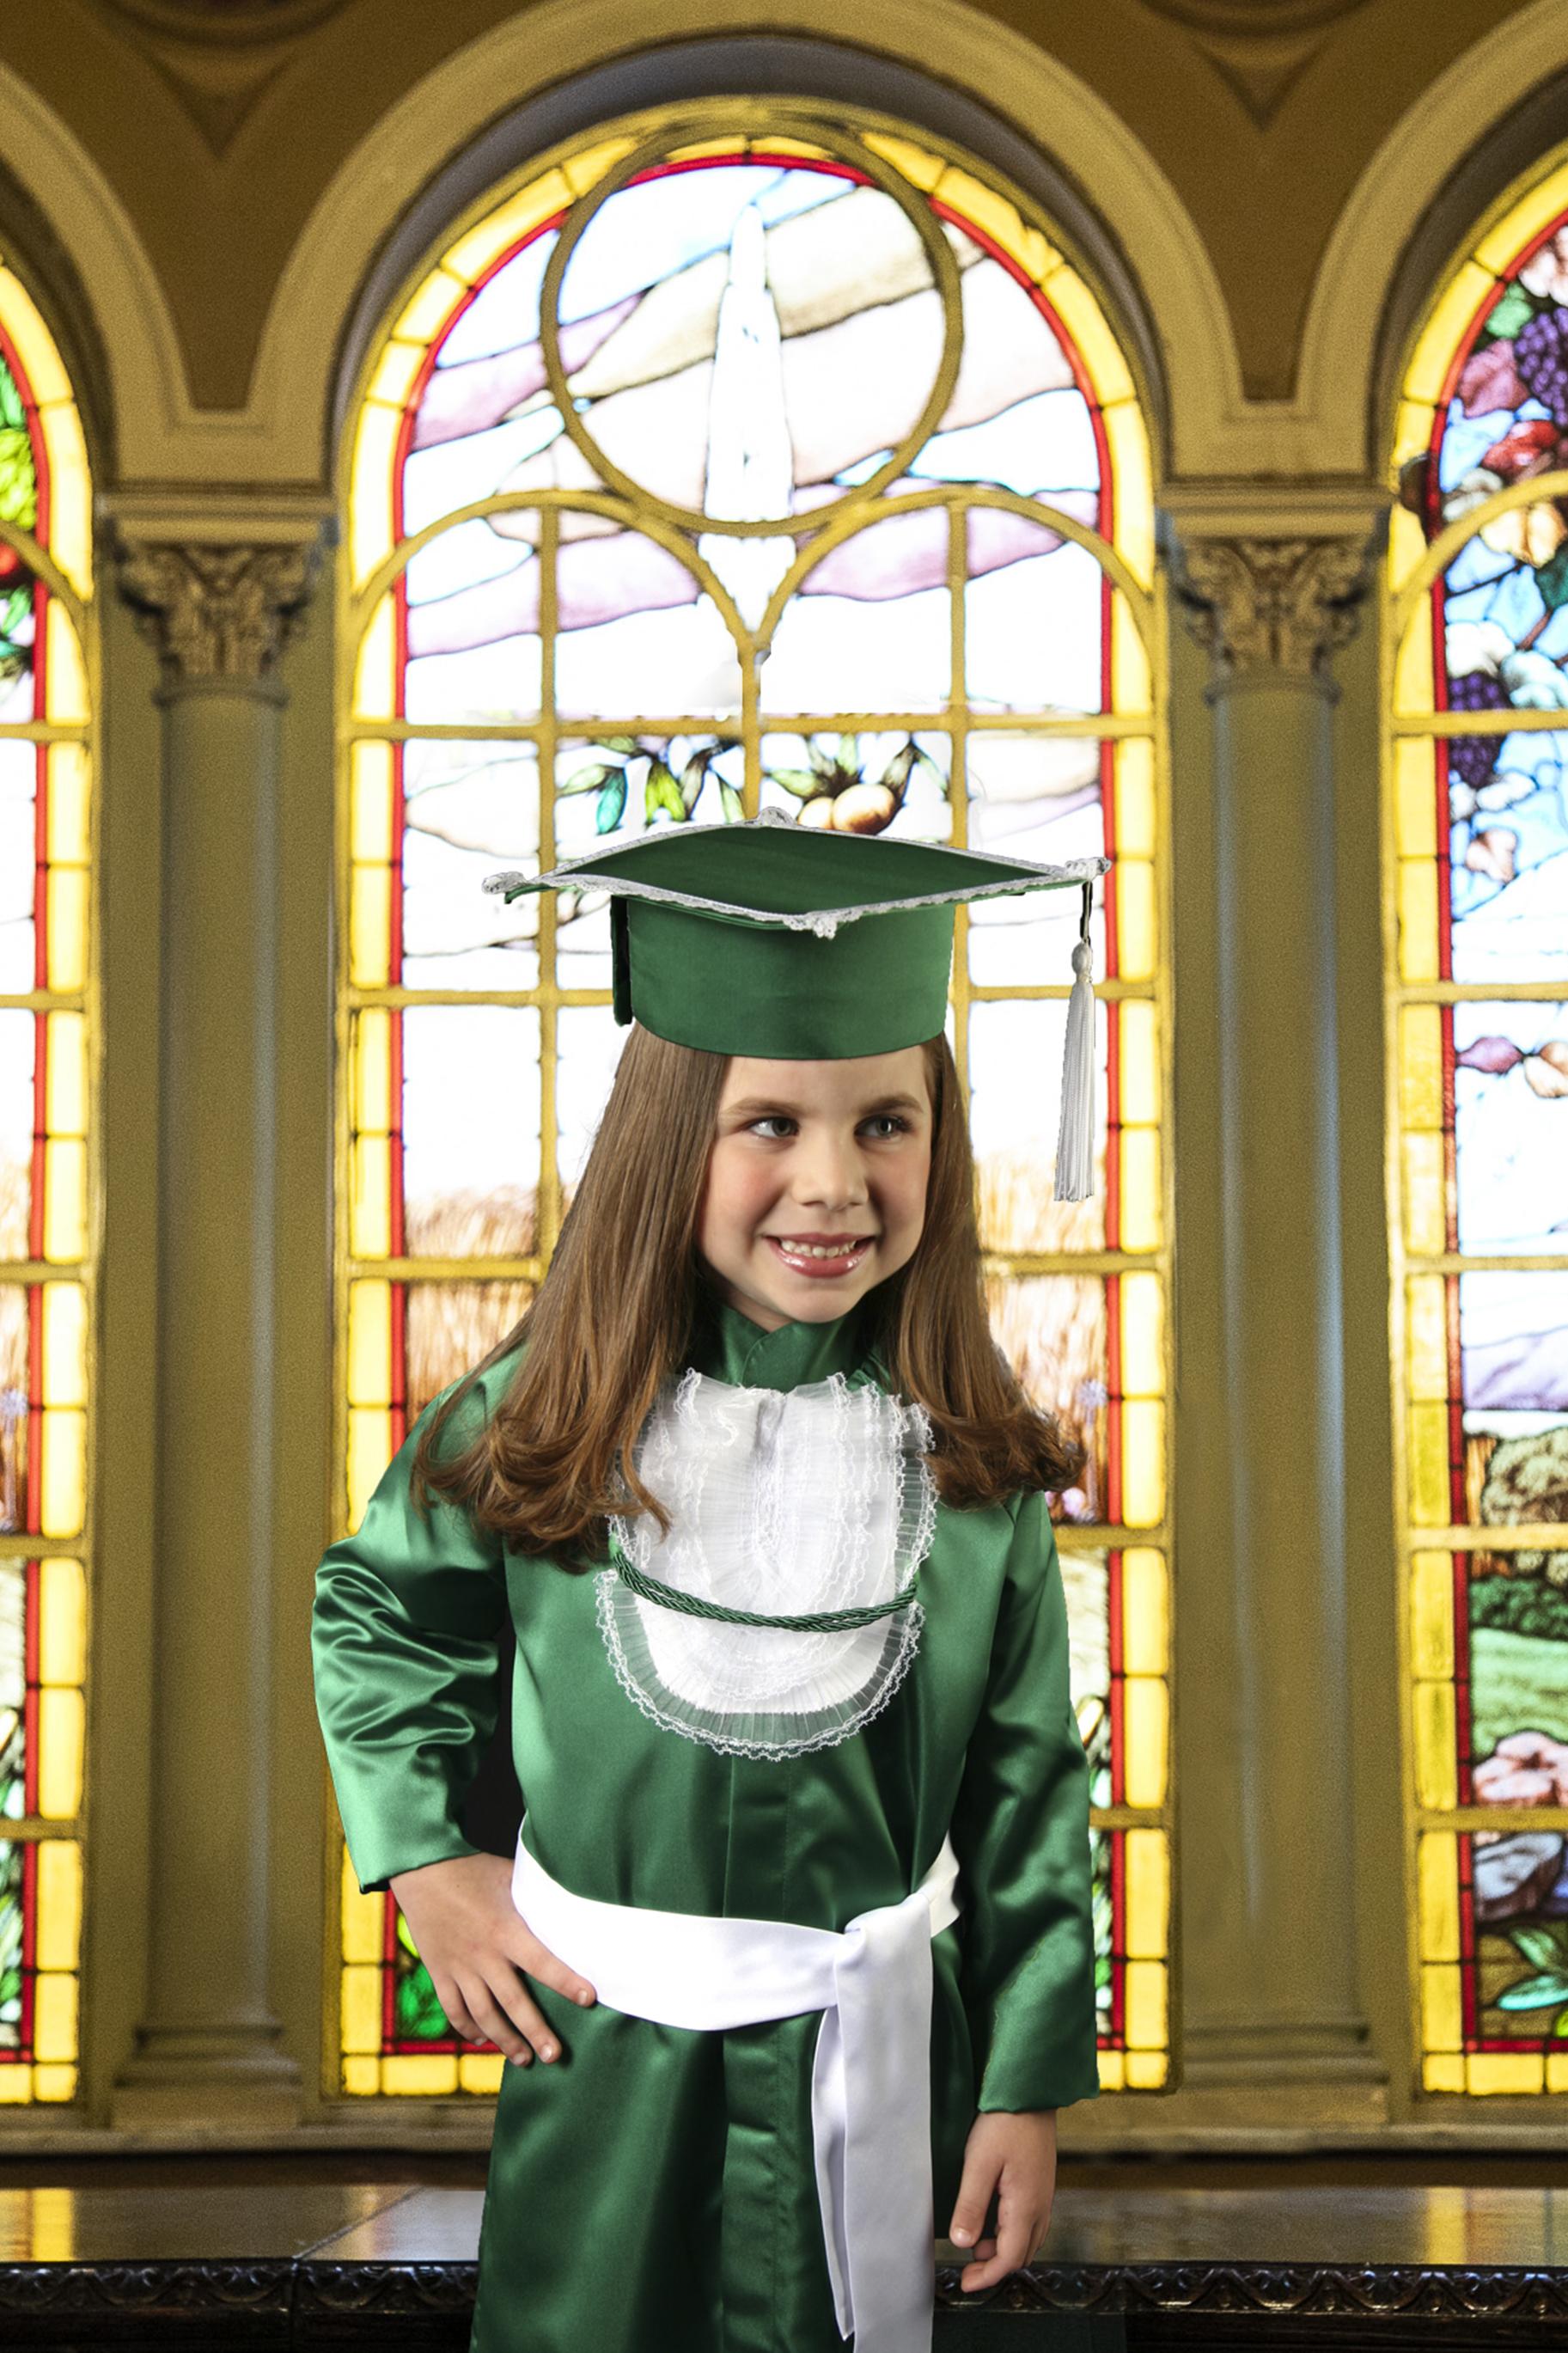 6 - beca infantil verde com capelo